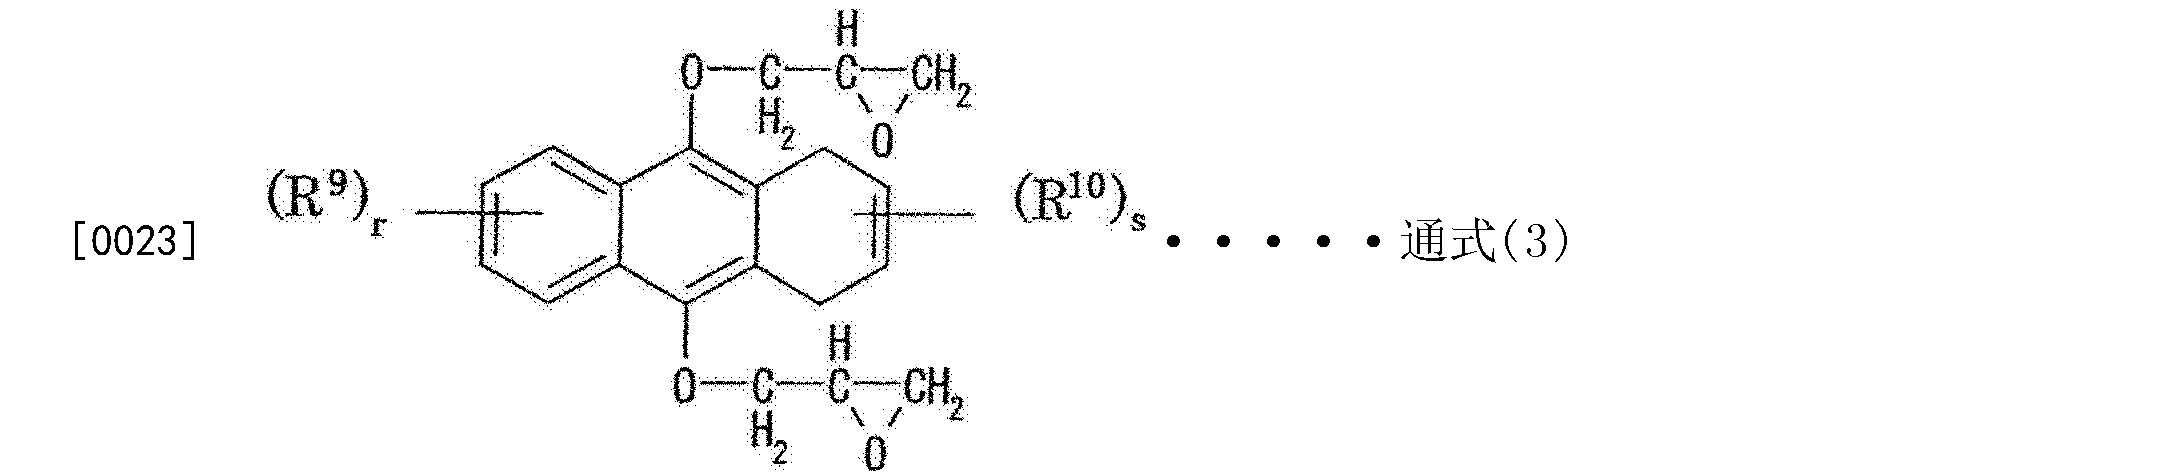 Figure CN103342877BD00043